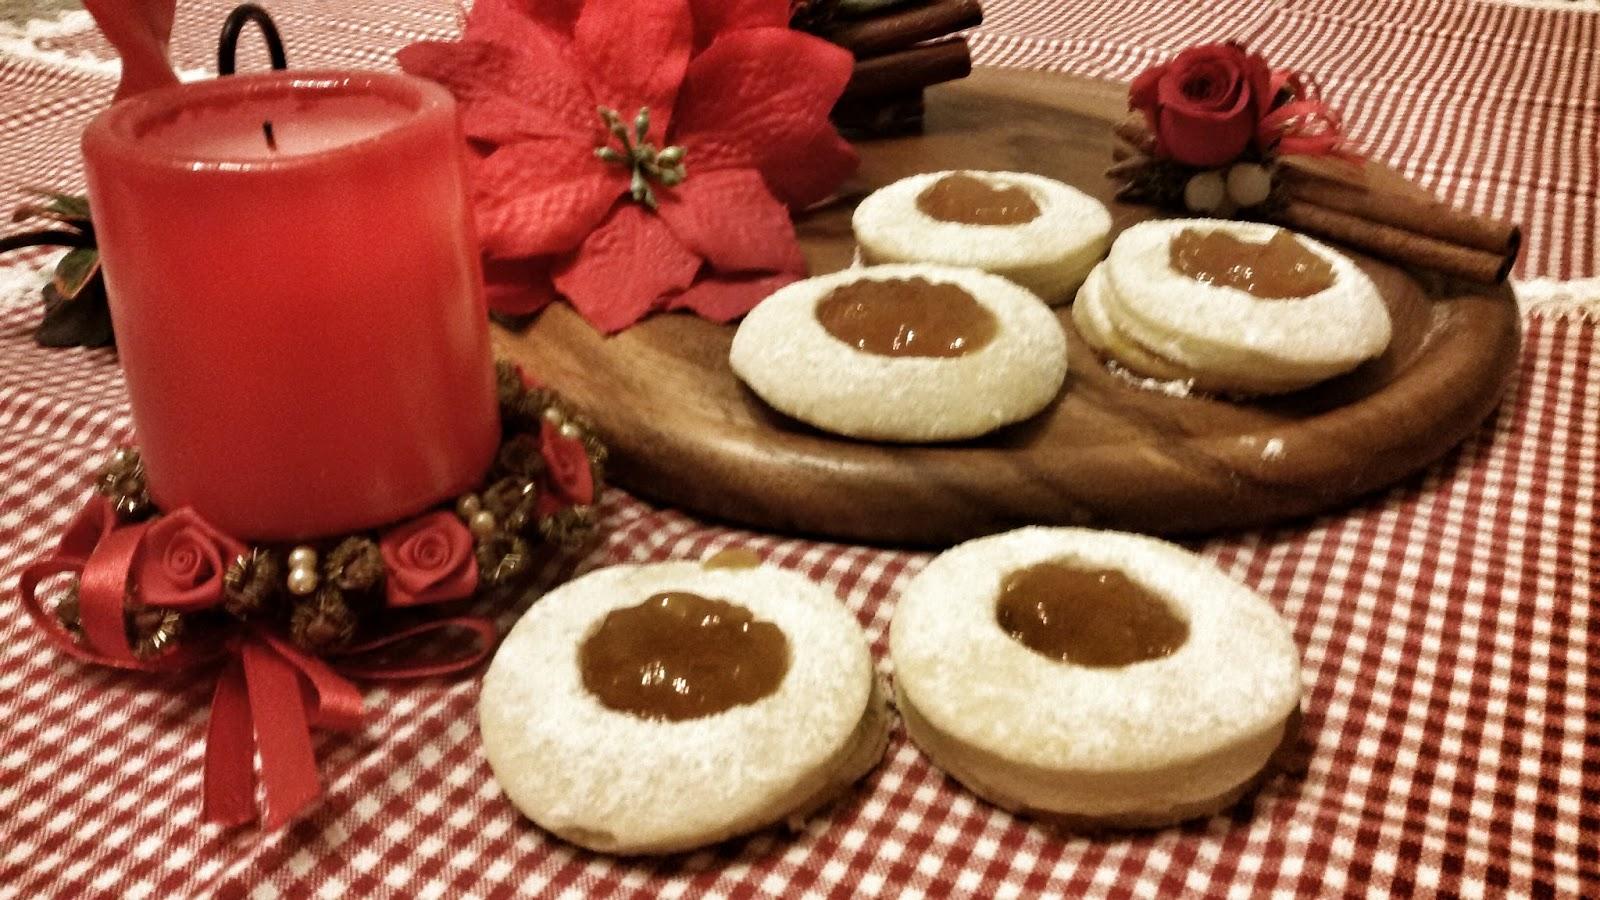 Biscotti Di Natale Tirolesi.I Biscotti Di Natale Dell Alto Adige Spitzbuben Montagna Di Viaggi